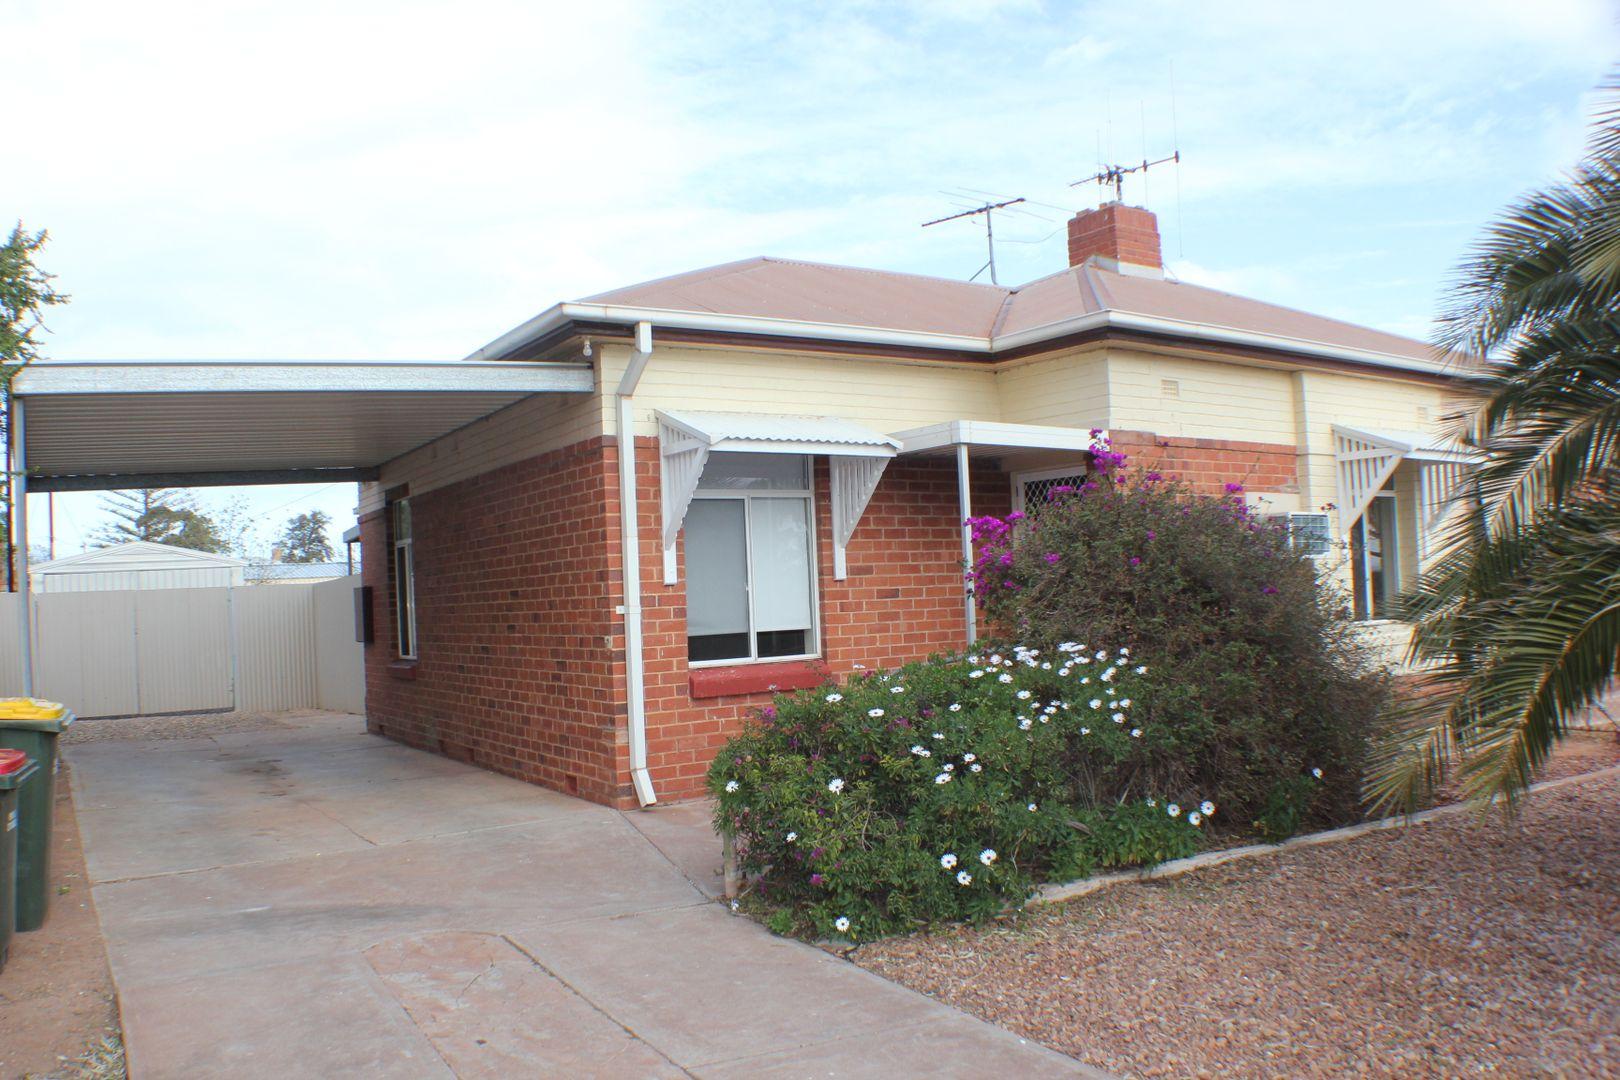 134 Hockey Street, Whyalla SA 5600, Image 0